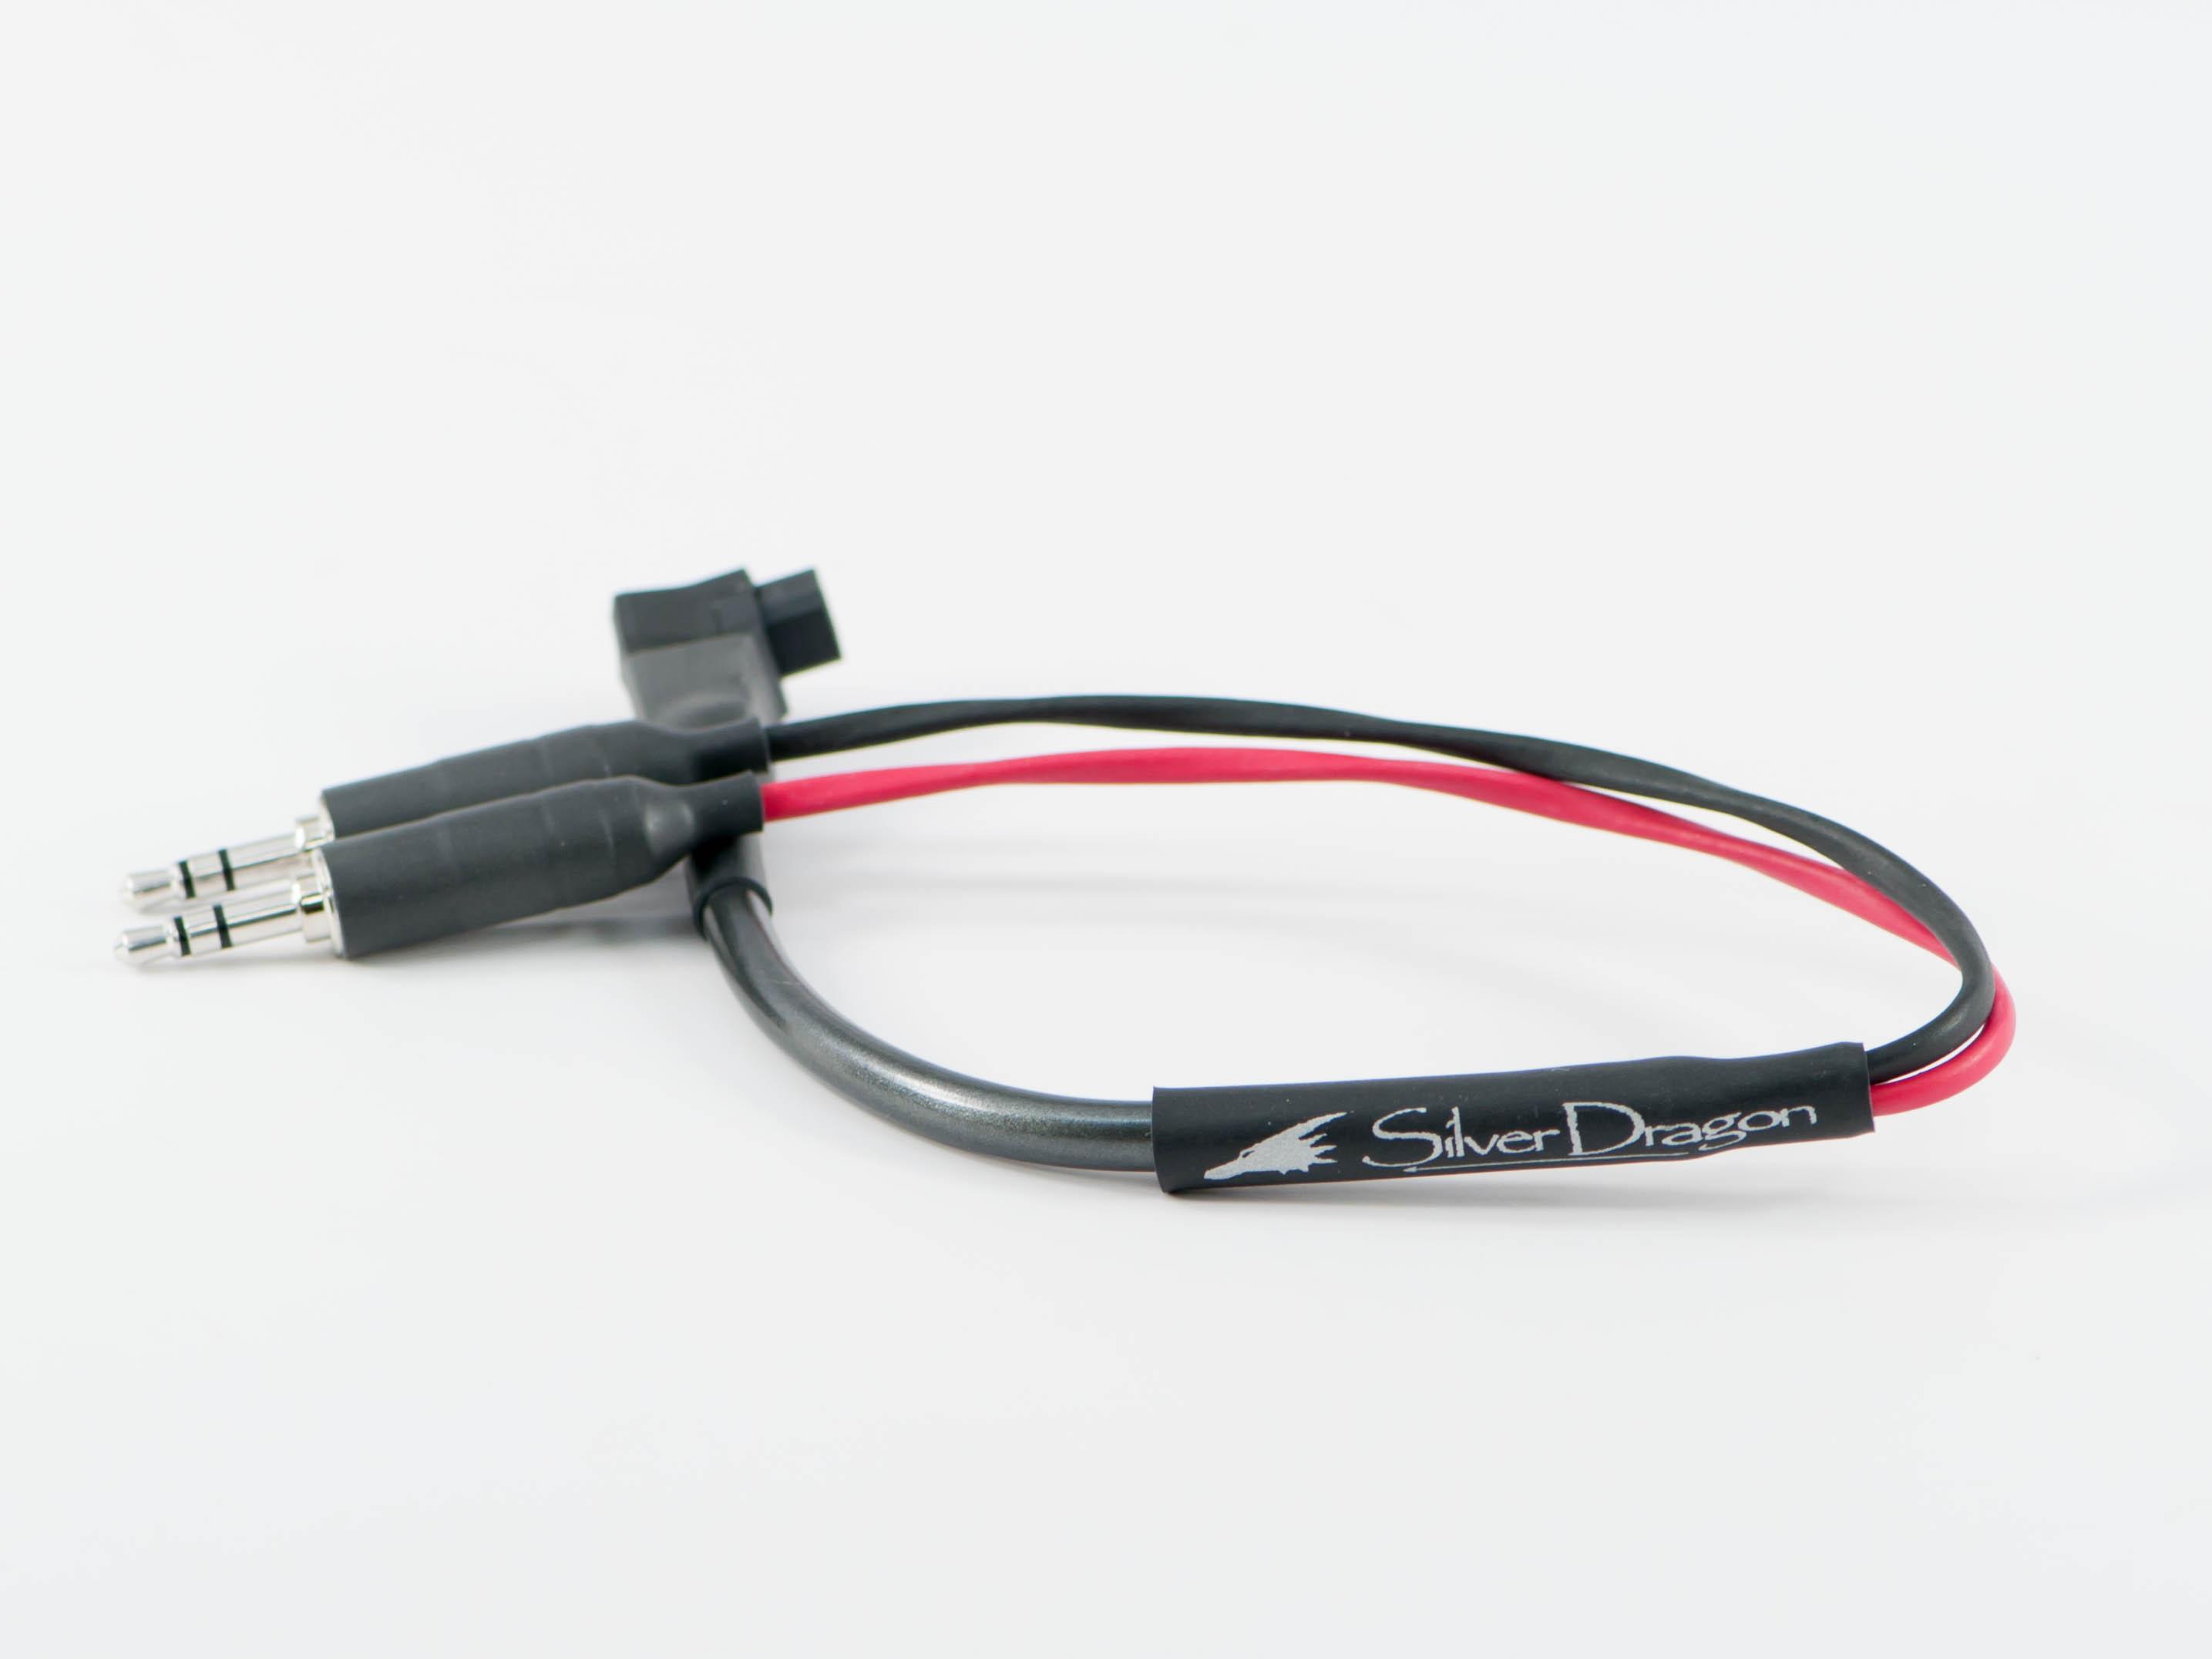 Silver Dragon V3 Portable Mini Cable